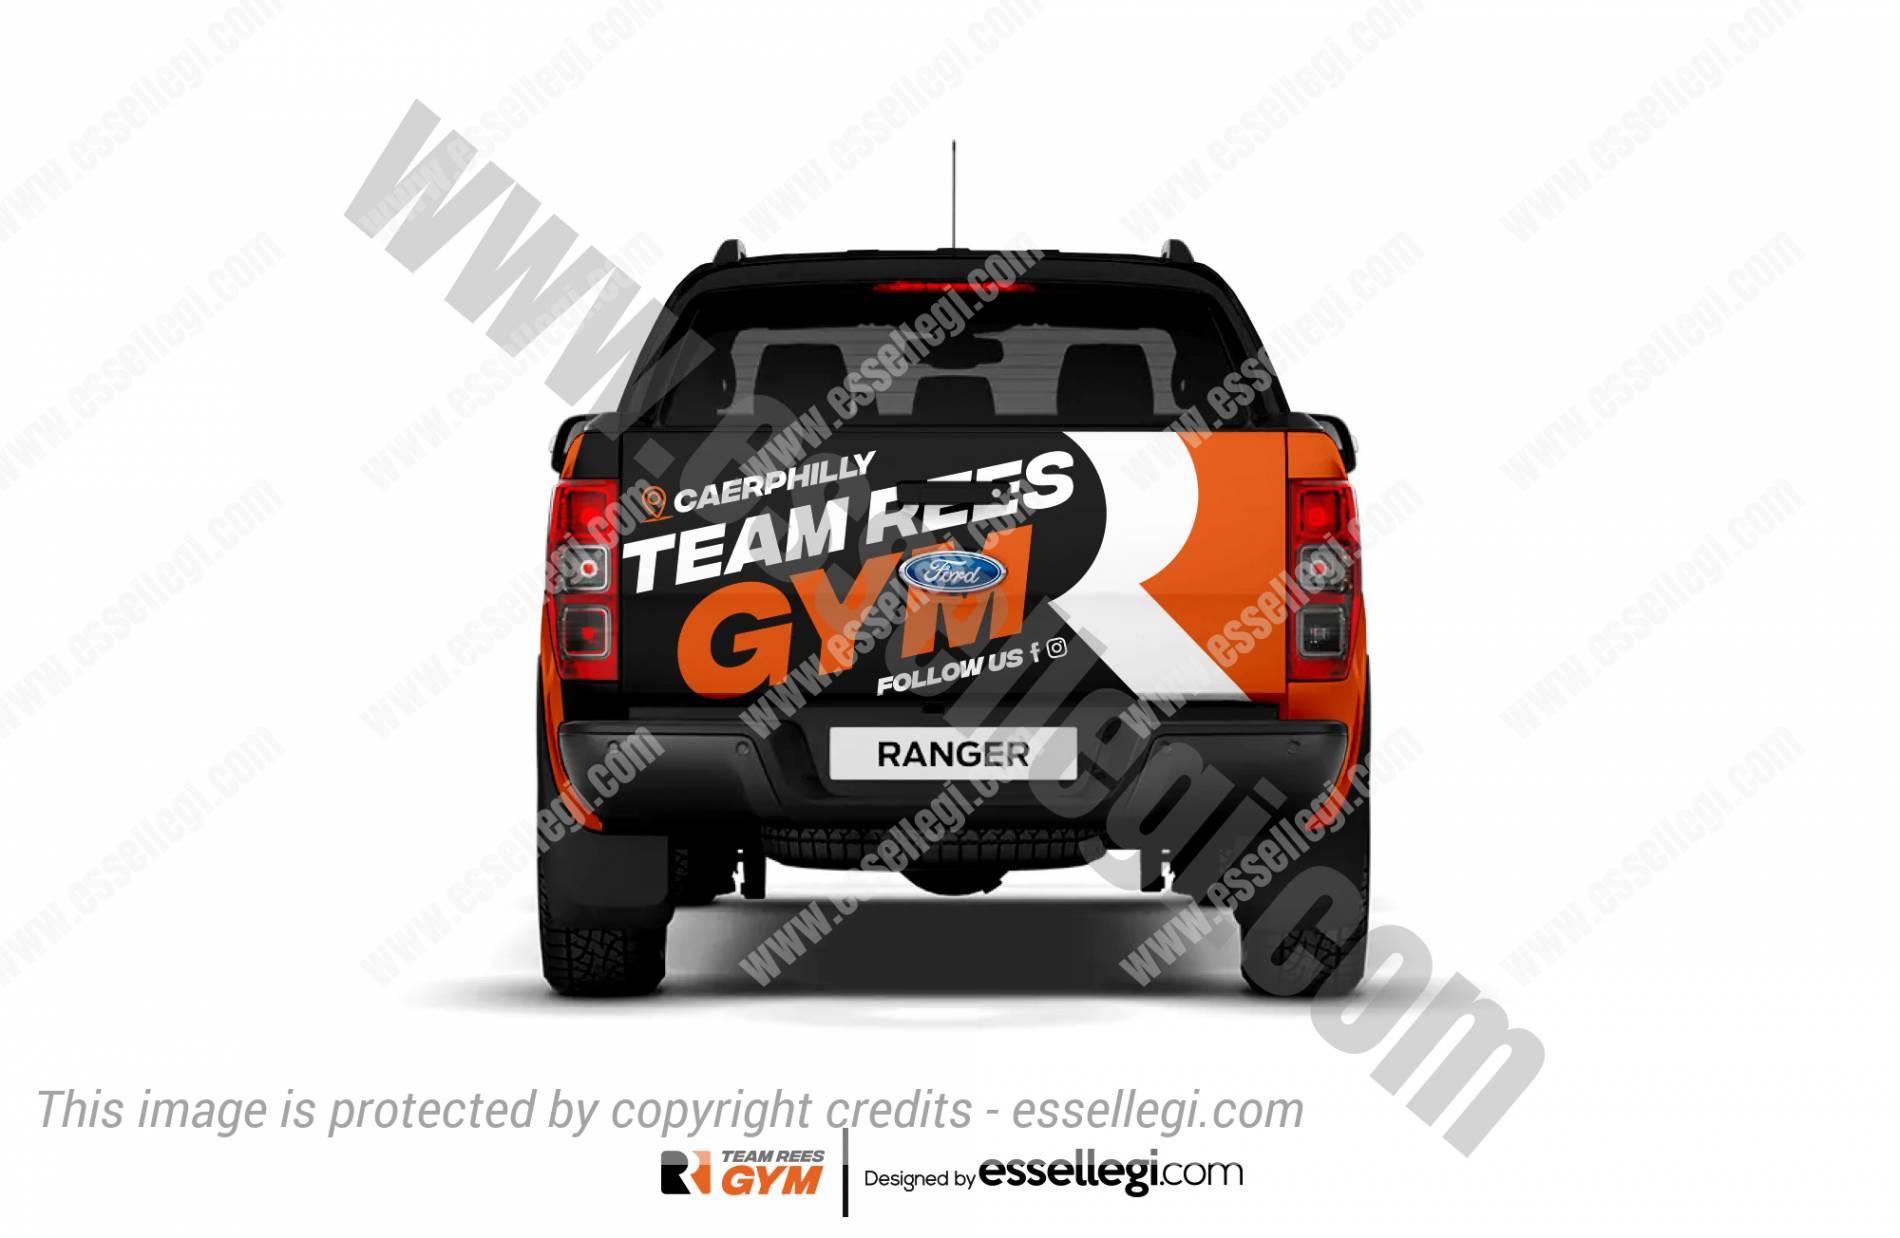 Ford Ranger Wrap Design. Ford Ranger Wrap | Van Wrap Design by Essellegi. Van Signs, Van Signage, Van Wrapping, Van Signwriting, Van Wrap Designer, Signs for Van, Van Logo, Van Graphic by Essellegi.